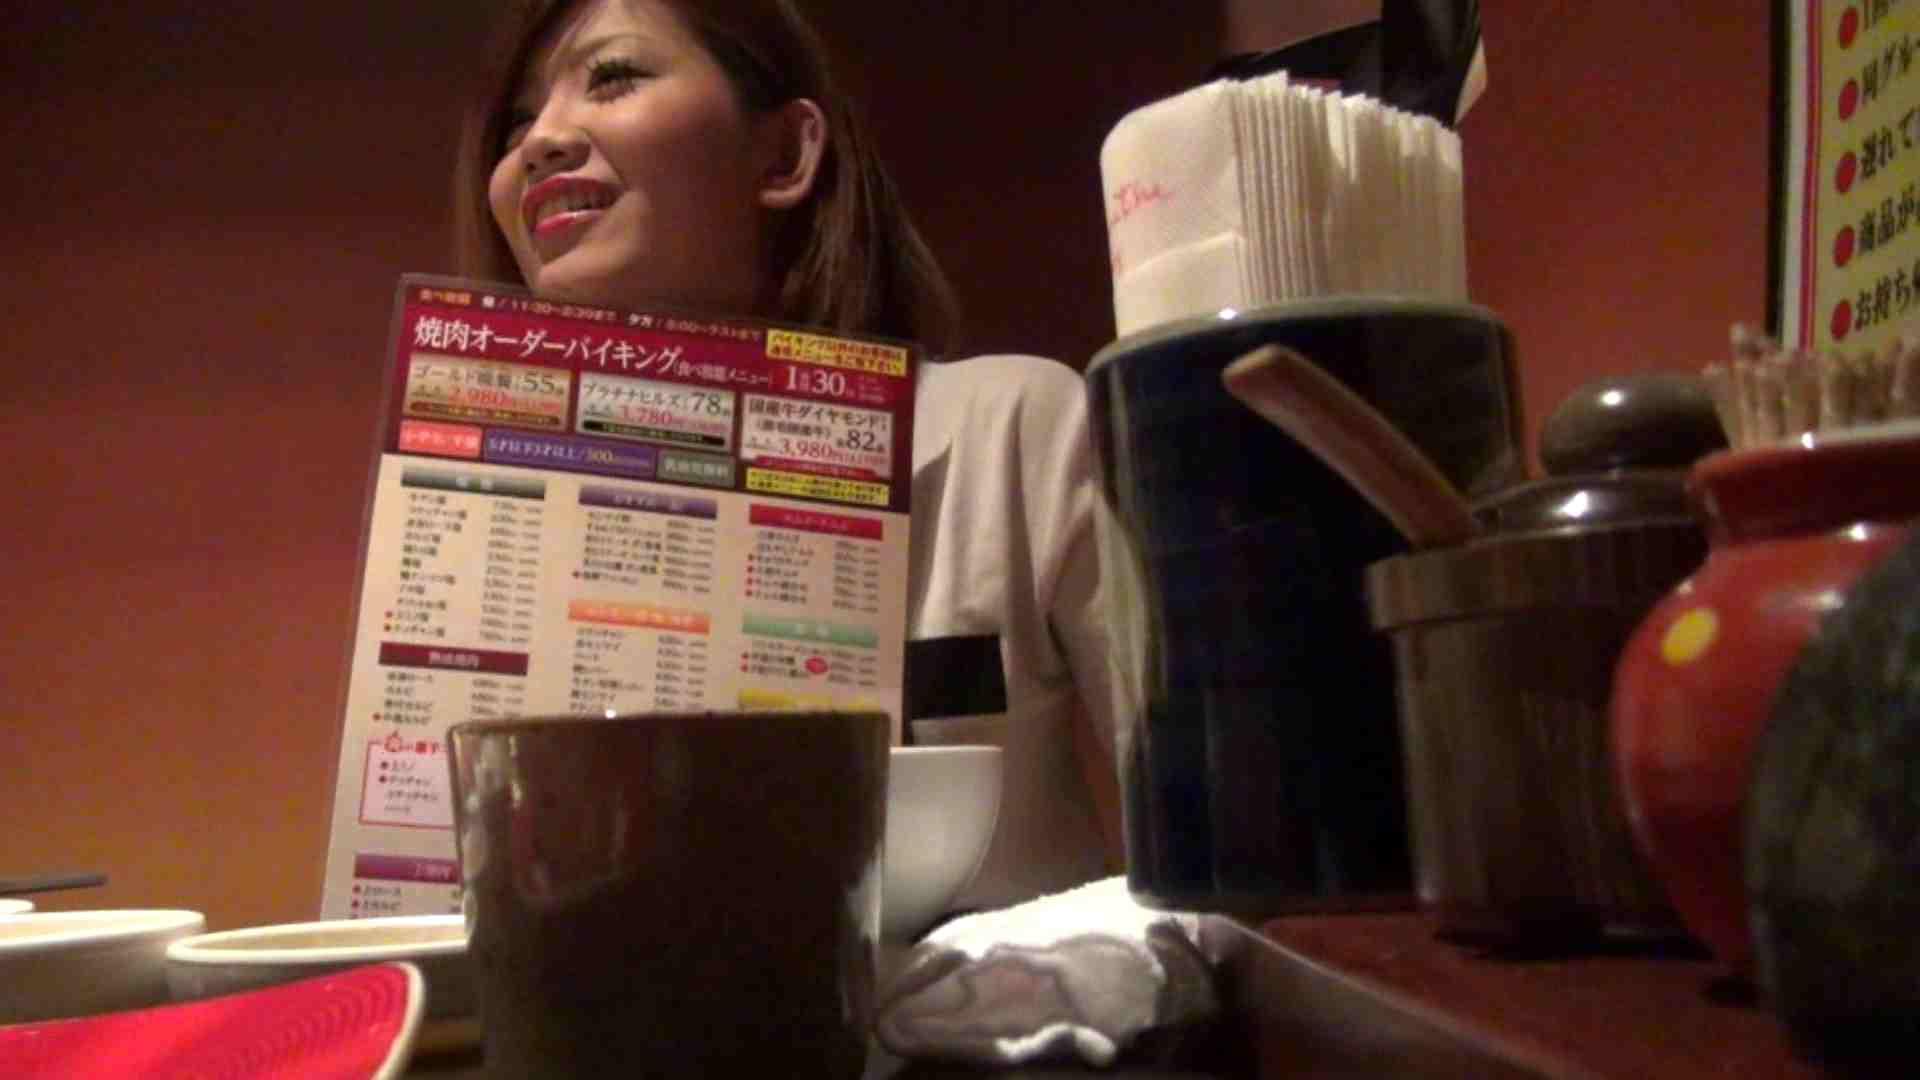 【出会い01】大助さんMちゃんと食事会 友人 | 悪戯  74連発 8